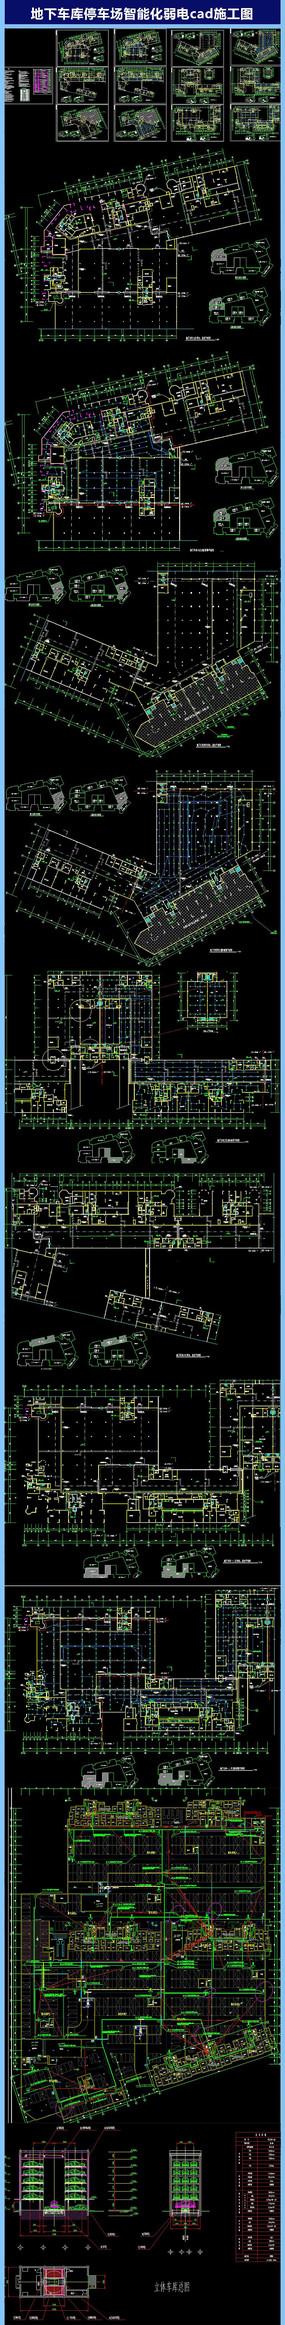 地下车库停车场智能化弱电cad施工图